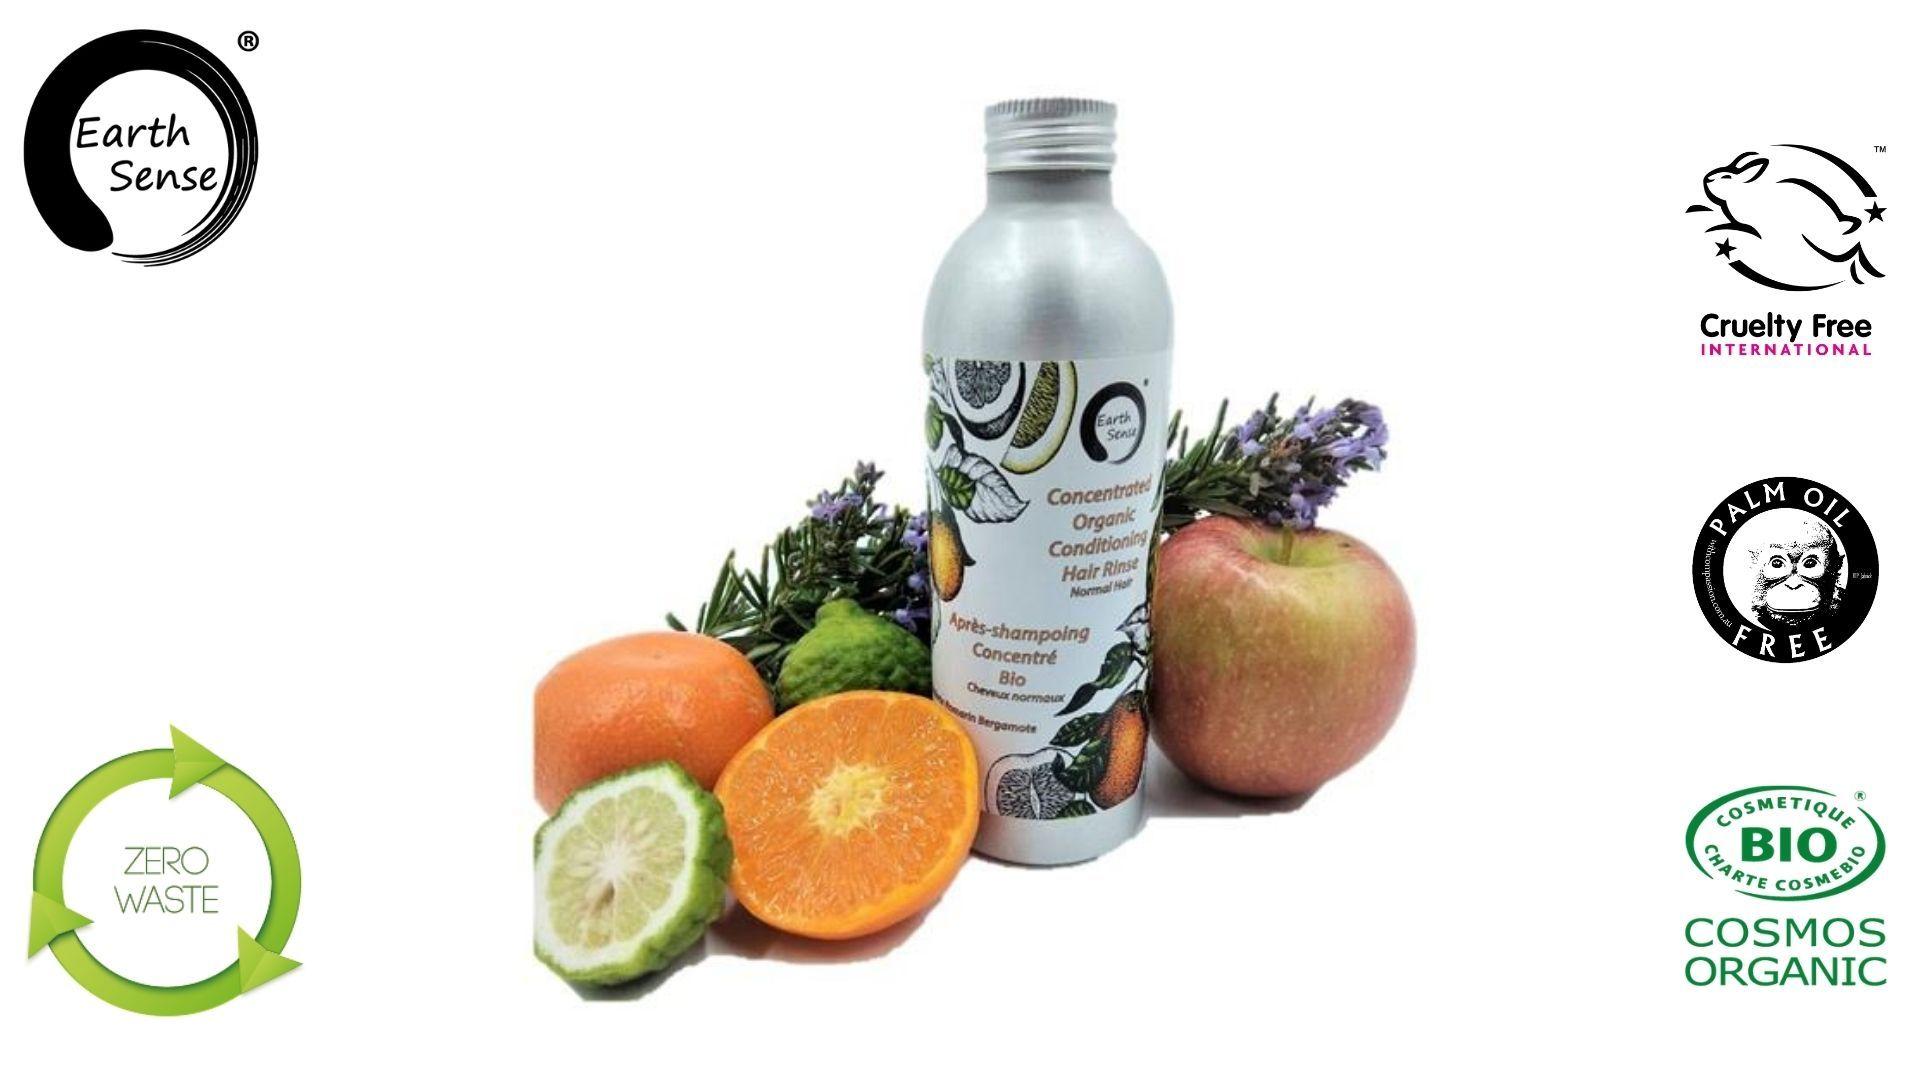 Earth sense organics - Apres Shampoing concentré - Cheveux normaux